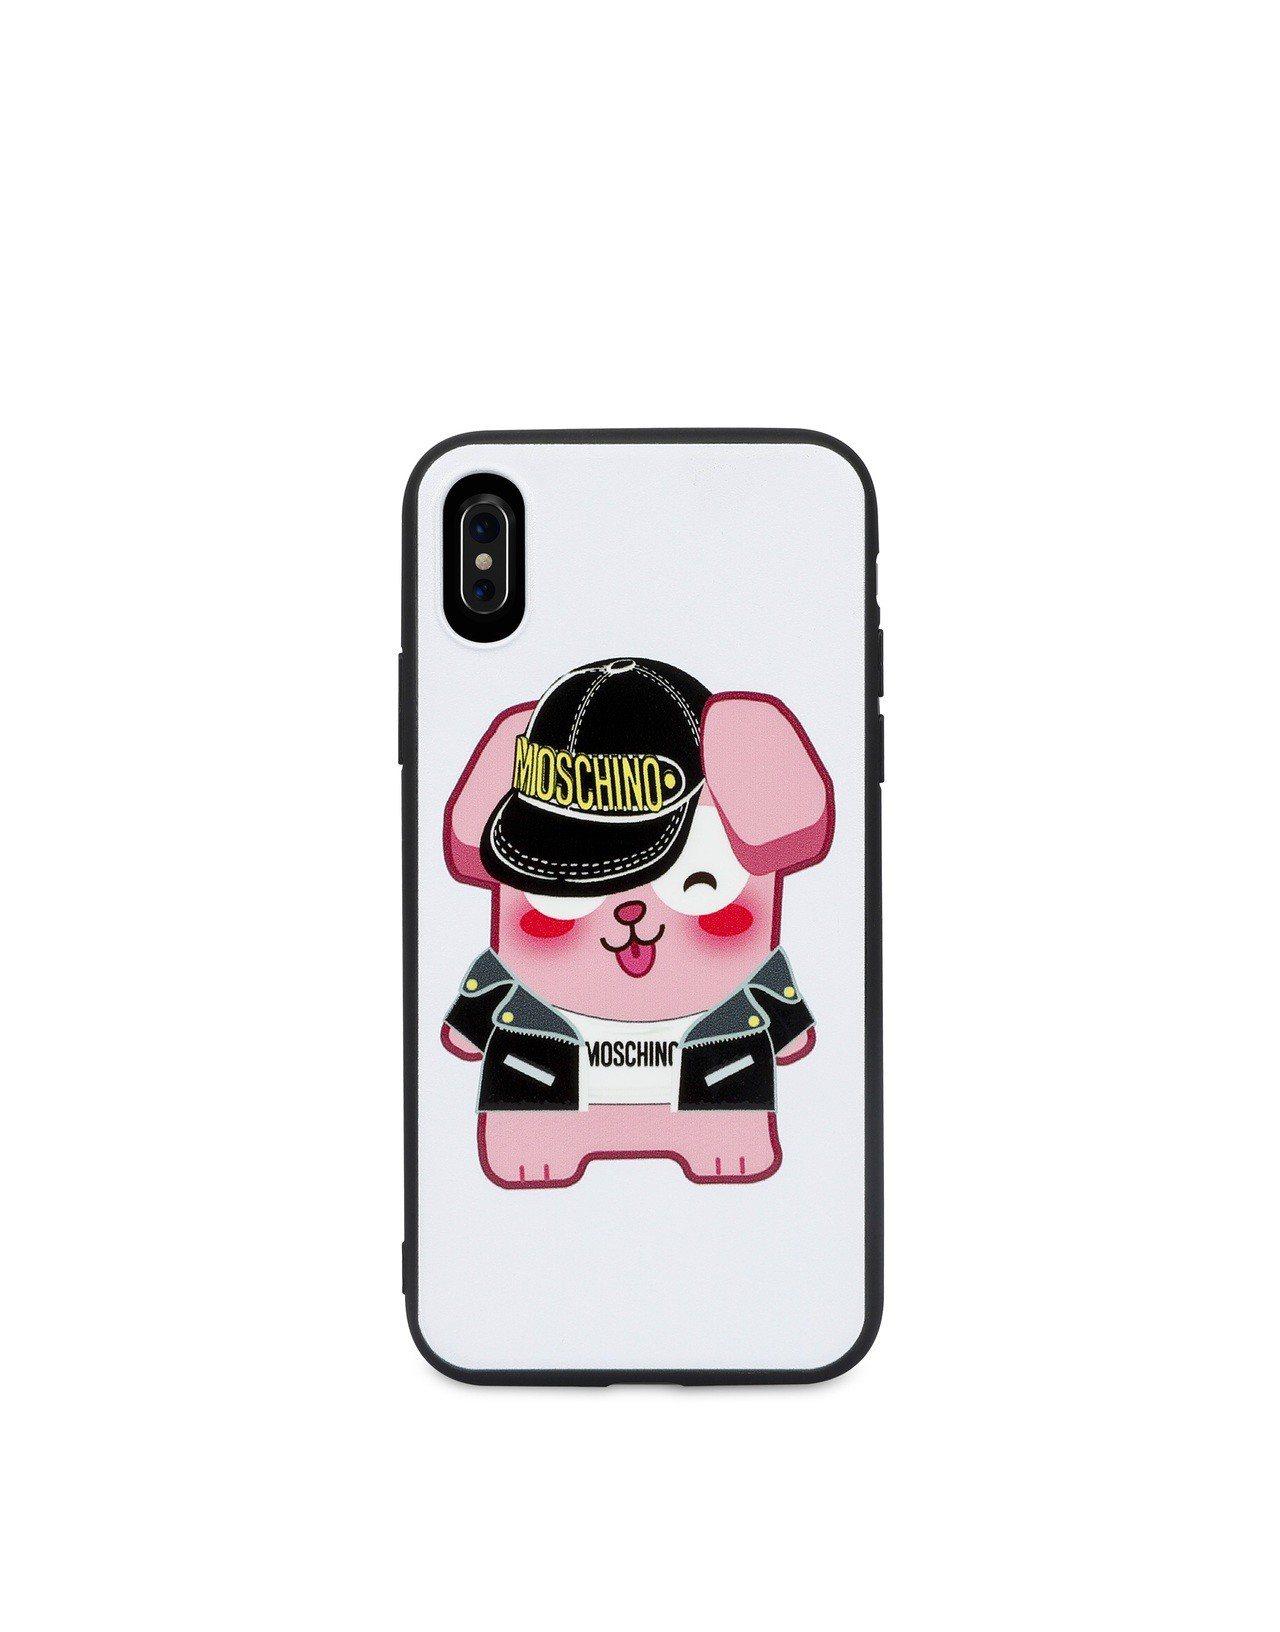 粉紅冷凍兔手機殼,2,900元。圖/Moschino提供